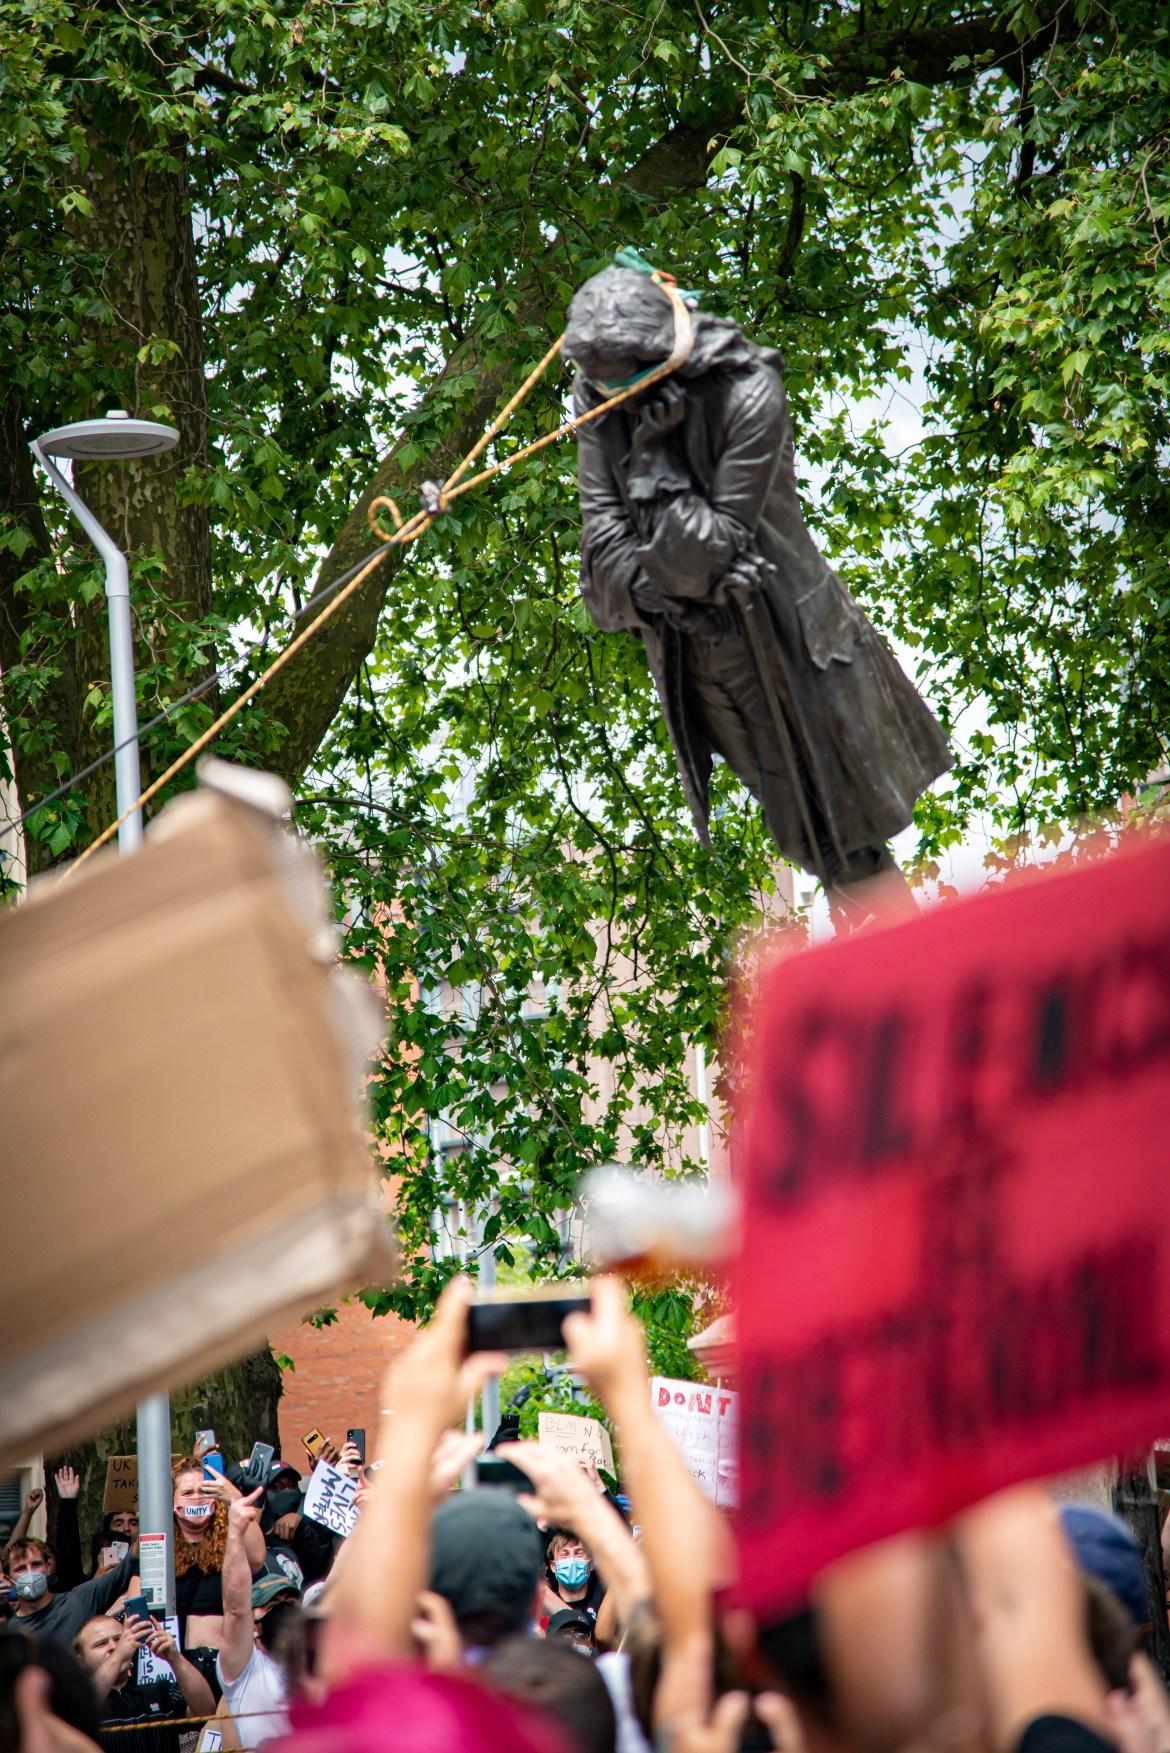 متظاهرون بريطانيون يسقطون تمثال تاجر الرقيق في القرن السابع عشر إدوارد كولستون من فوق قاعدته بمدينة بريستول